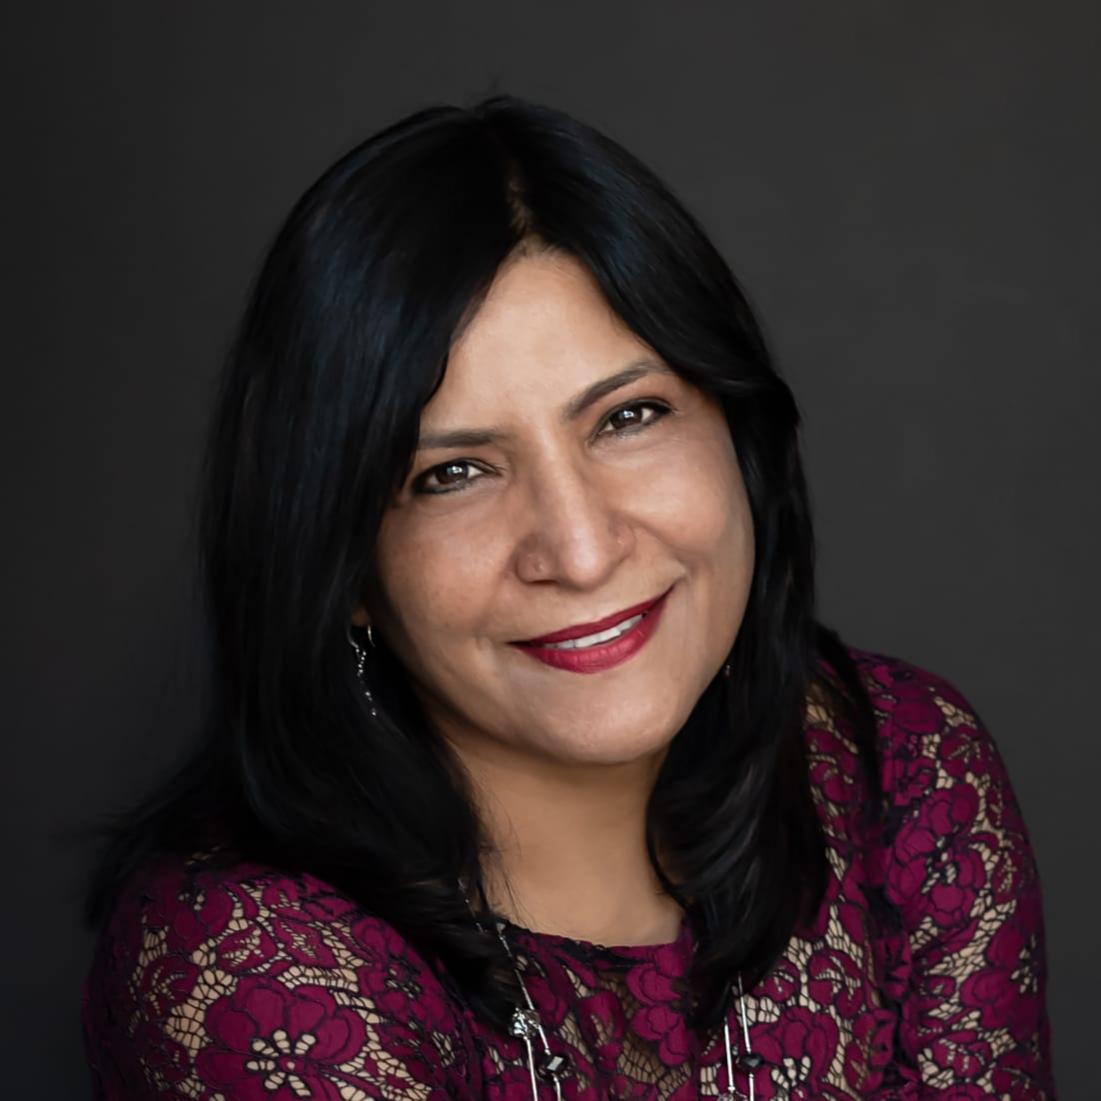 Vineeta Rastogi